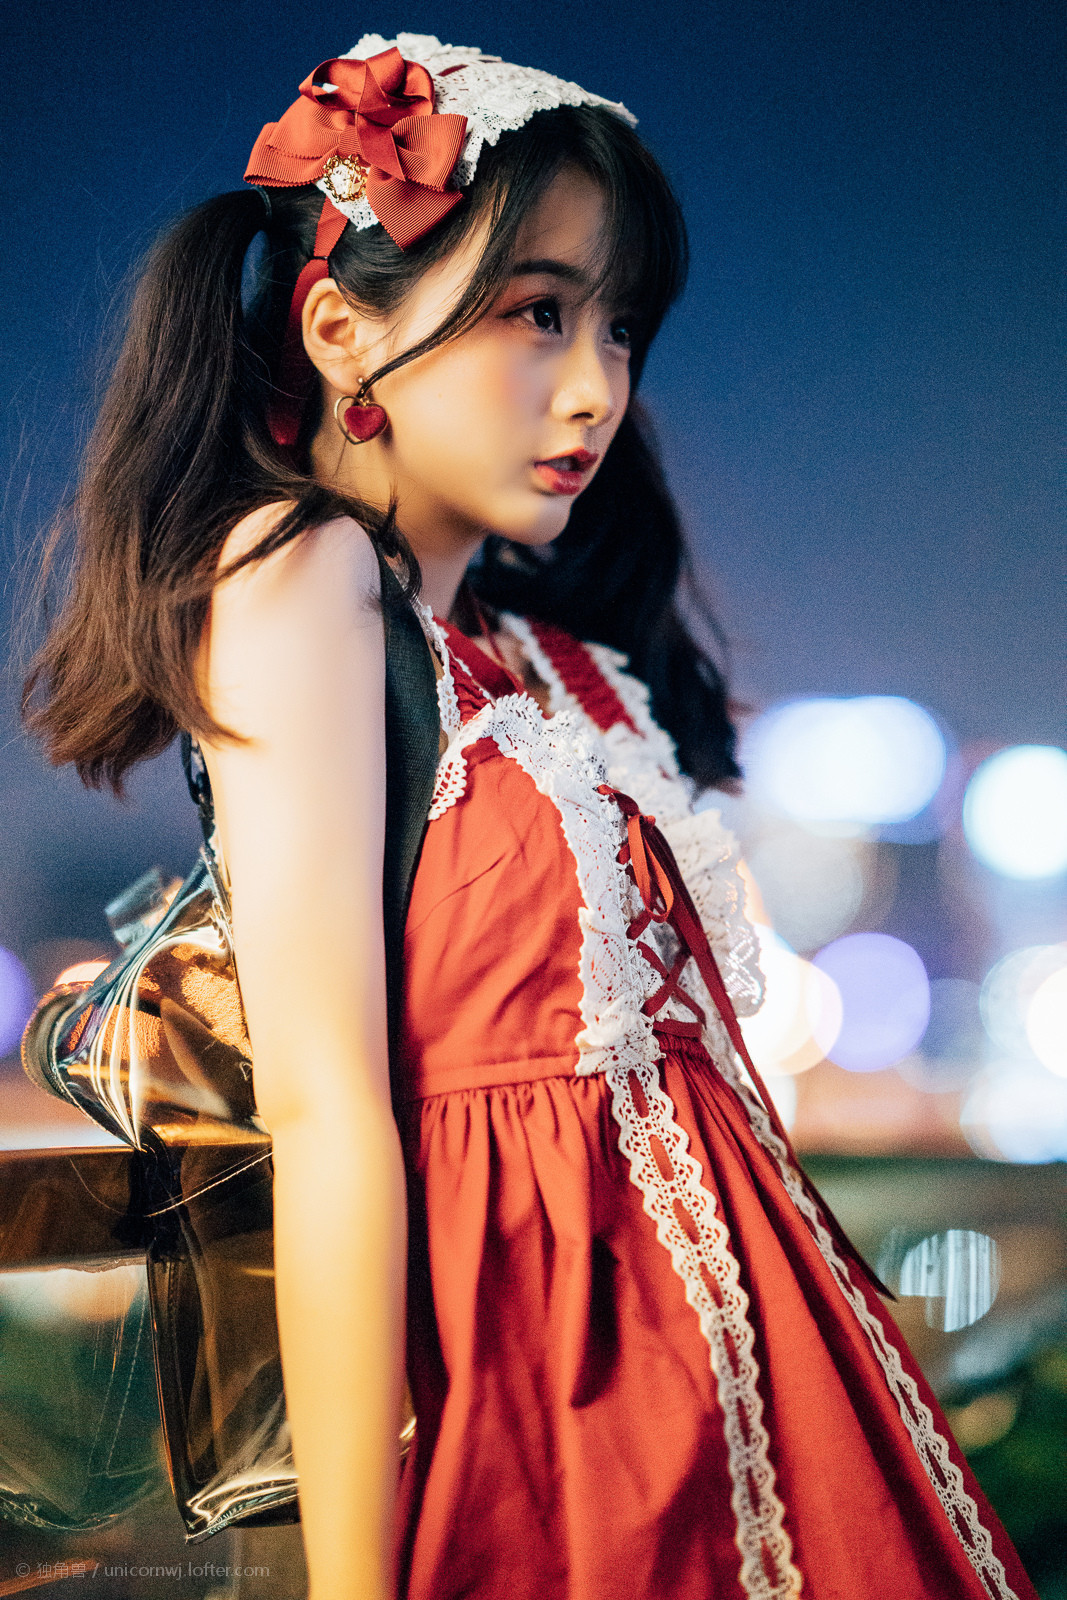 摄影独角兽:日系小清新高质量Lolita-有意思吧